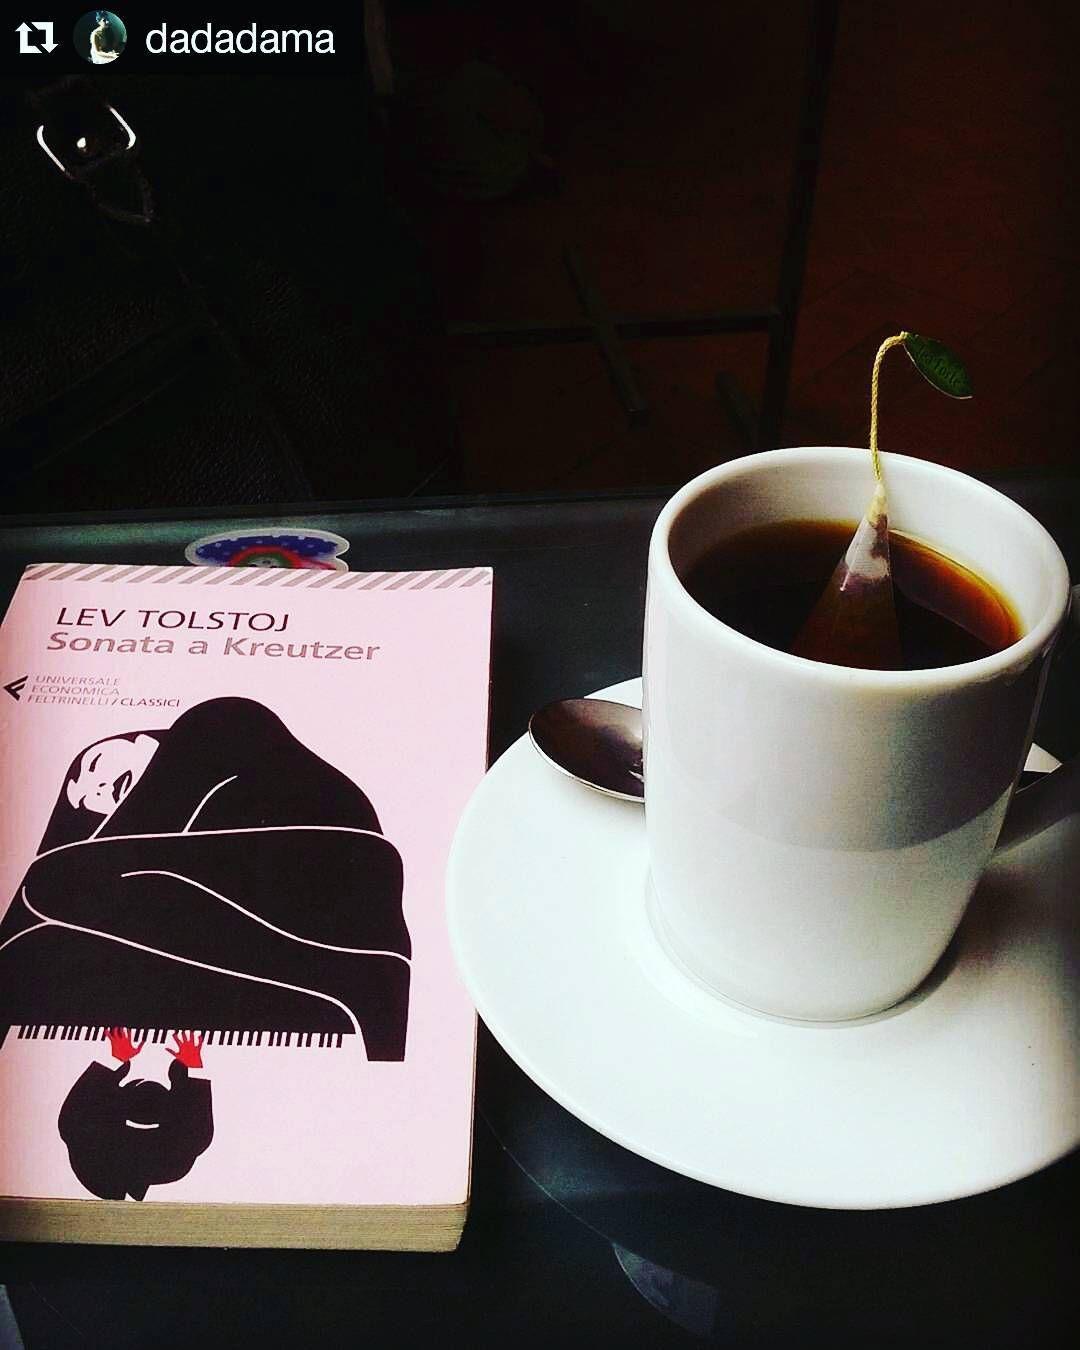 #photographylovers @dadadama   Un buon tè ed un bel libro sono il connubio perfetto per terminare la visita di una splendida mostra.  #chiostrodelbramante #macchiaioliroma #macchiaioli #tolstoj #sonataakreutzer #tea #tè #mostra #arte #art #piccolipiaceri #gioiedellasessione #viverearoma #roma #rome #italia #italy